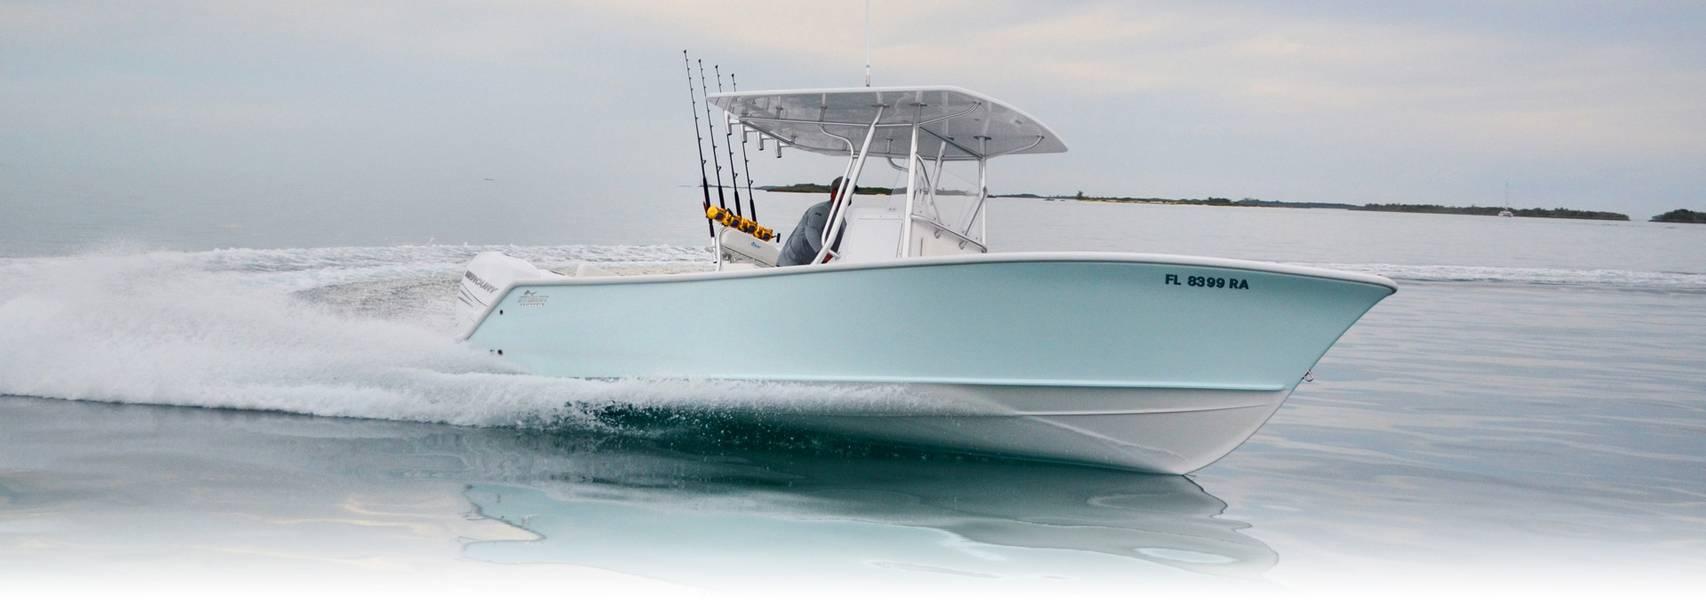 Το Stuart Boatworks 27 ήταν ένα gamechanger για την Ocean5, που παρουσιάστηκε πρώτη φορά στο Διεθνές Σκάφος του Μαϊάμι φέτος. Εικόνα Ευγένεια Ωκεανό 5 ναυτικών αρχιτεκτόνων.